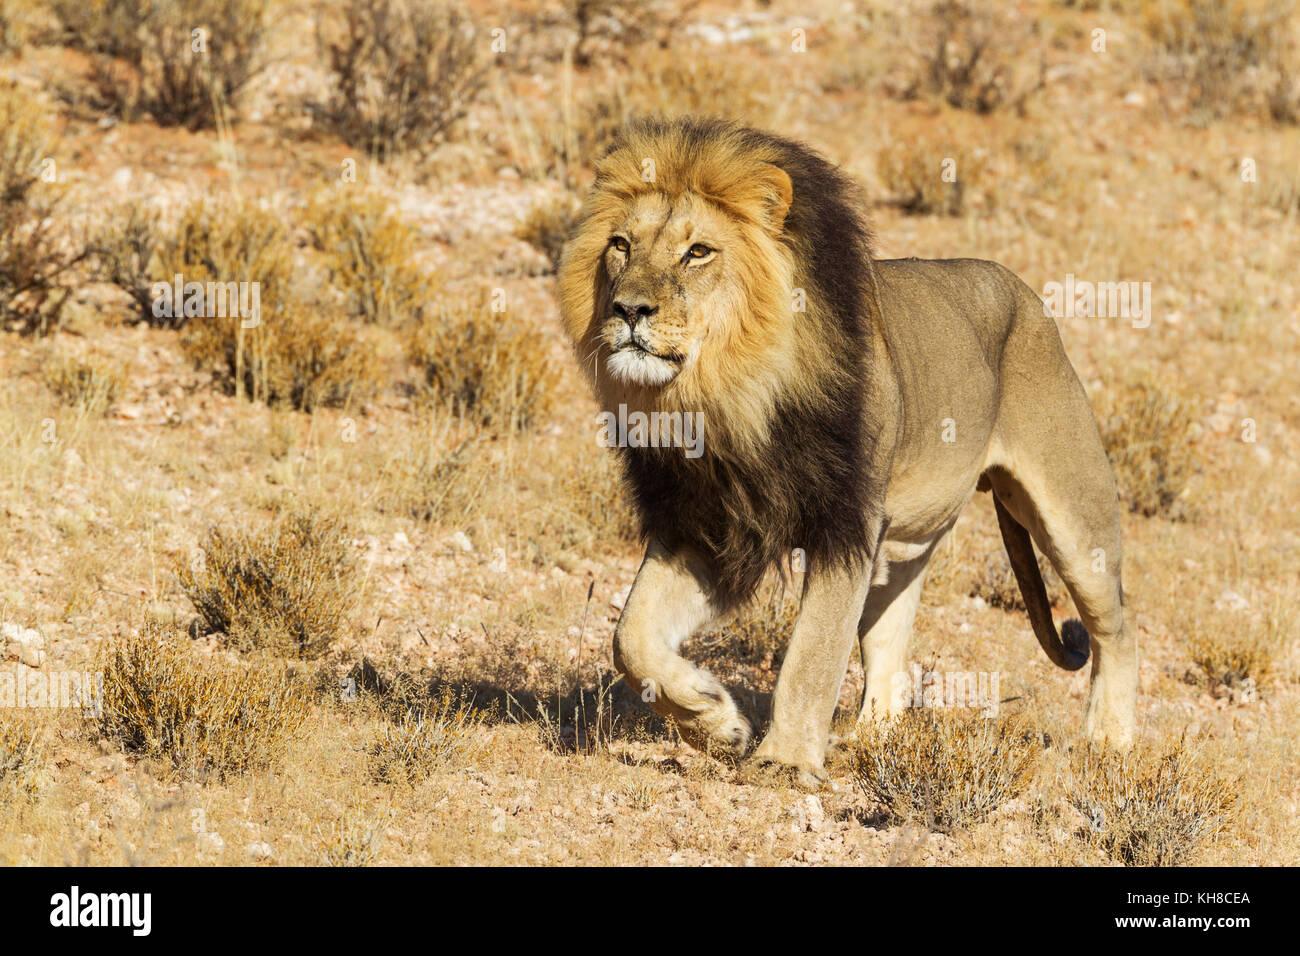 Black-maned Lion (Panthera leo vernayi), male, roaming, Kalahari Desert, Kgalagadi Transfrontier Park, South Africa - Stock Image